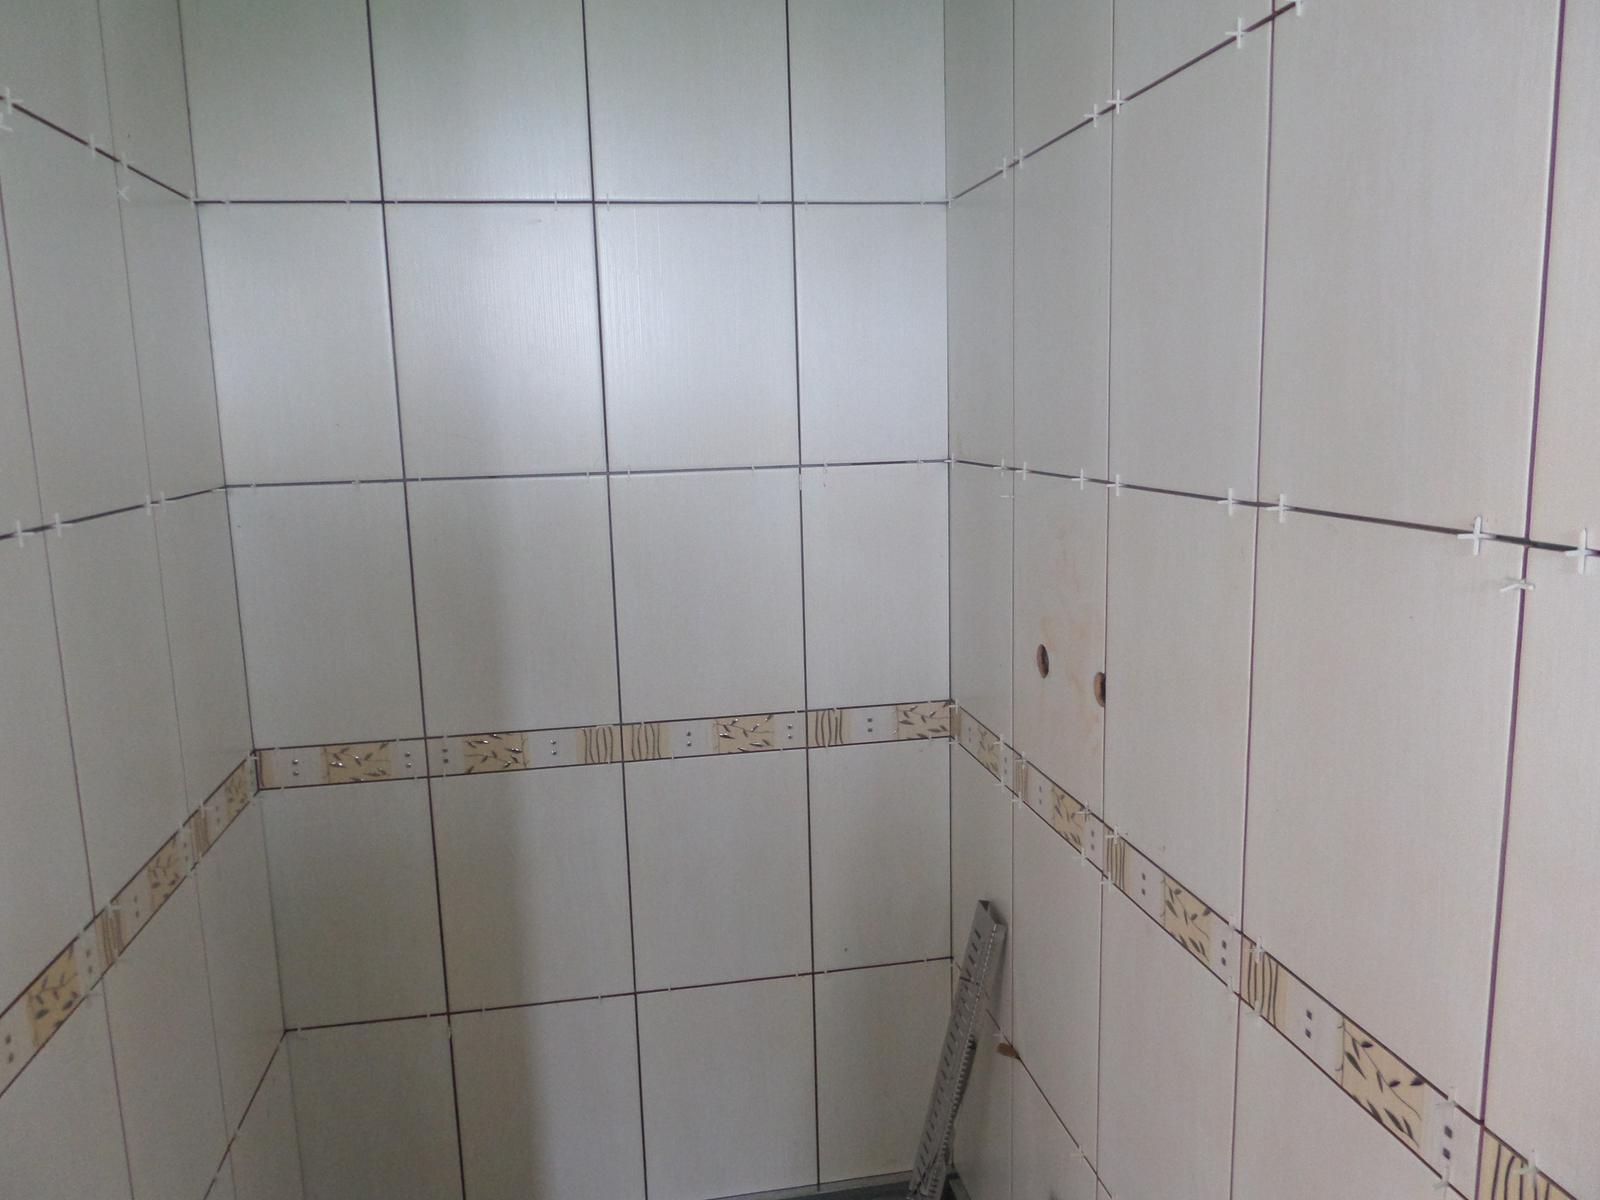 Bungalov Martina - 11.7.2014 obklad sprchového kúta